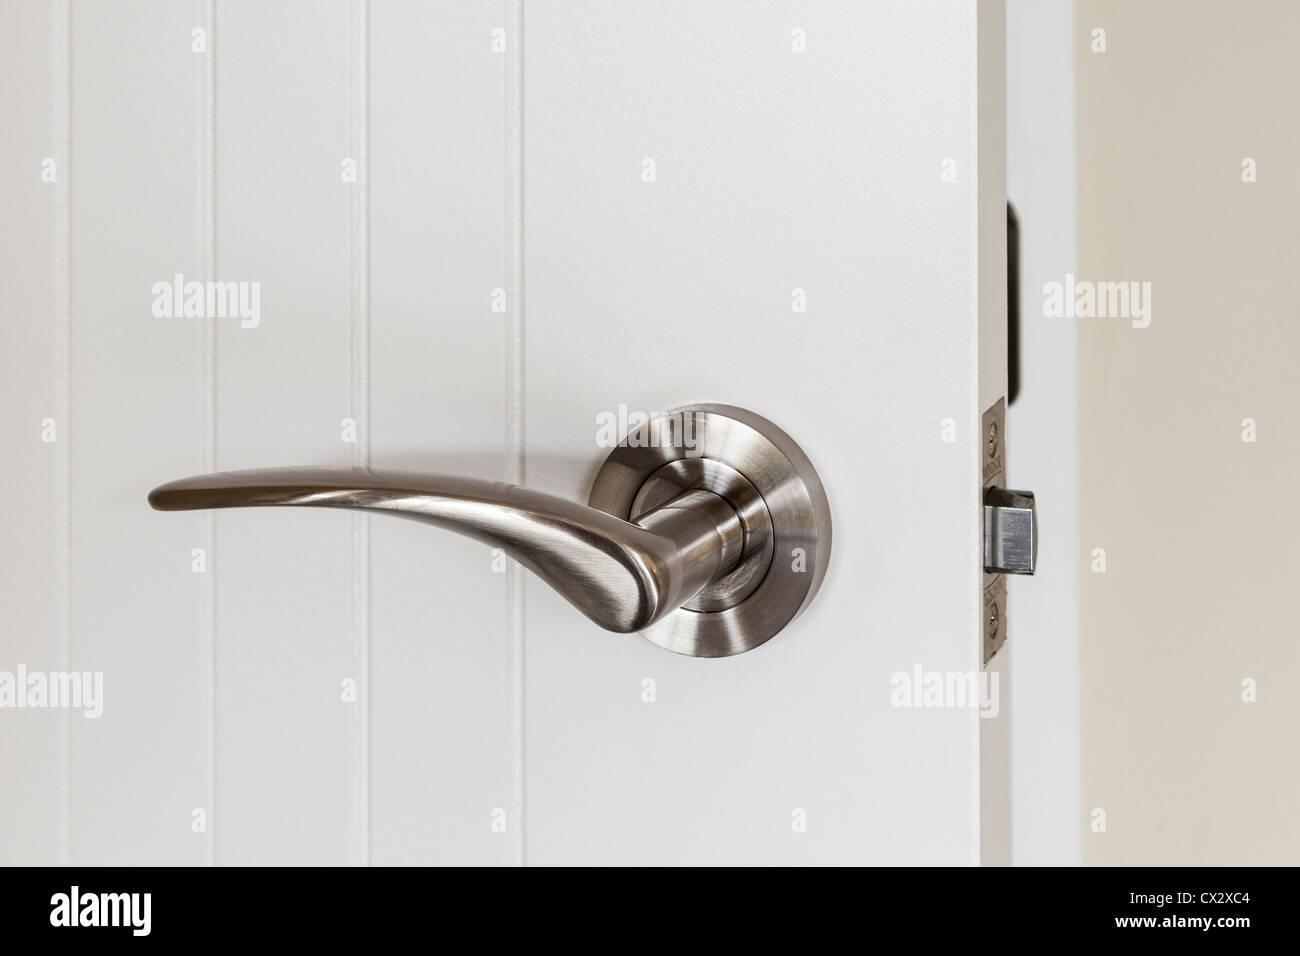 Internal door handle or lever set. - Stock Image